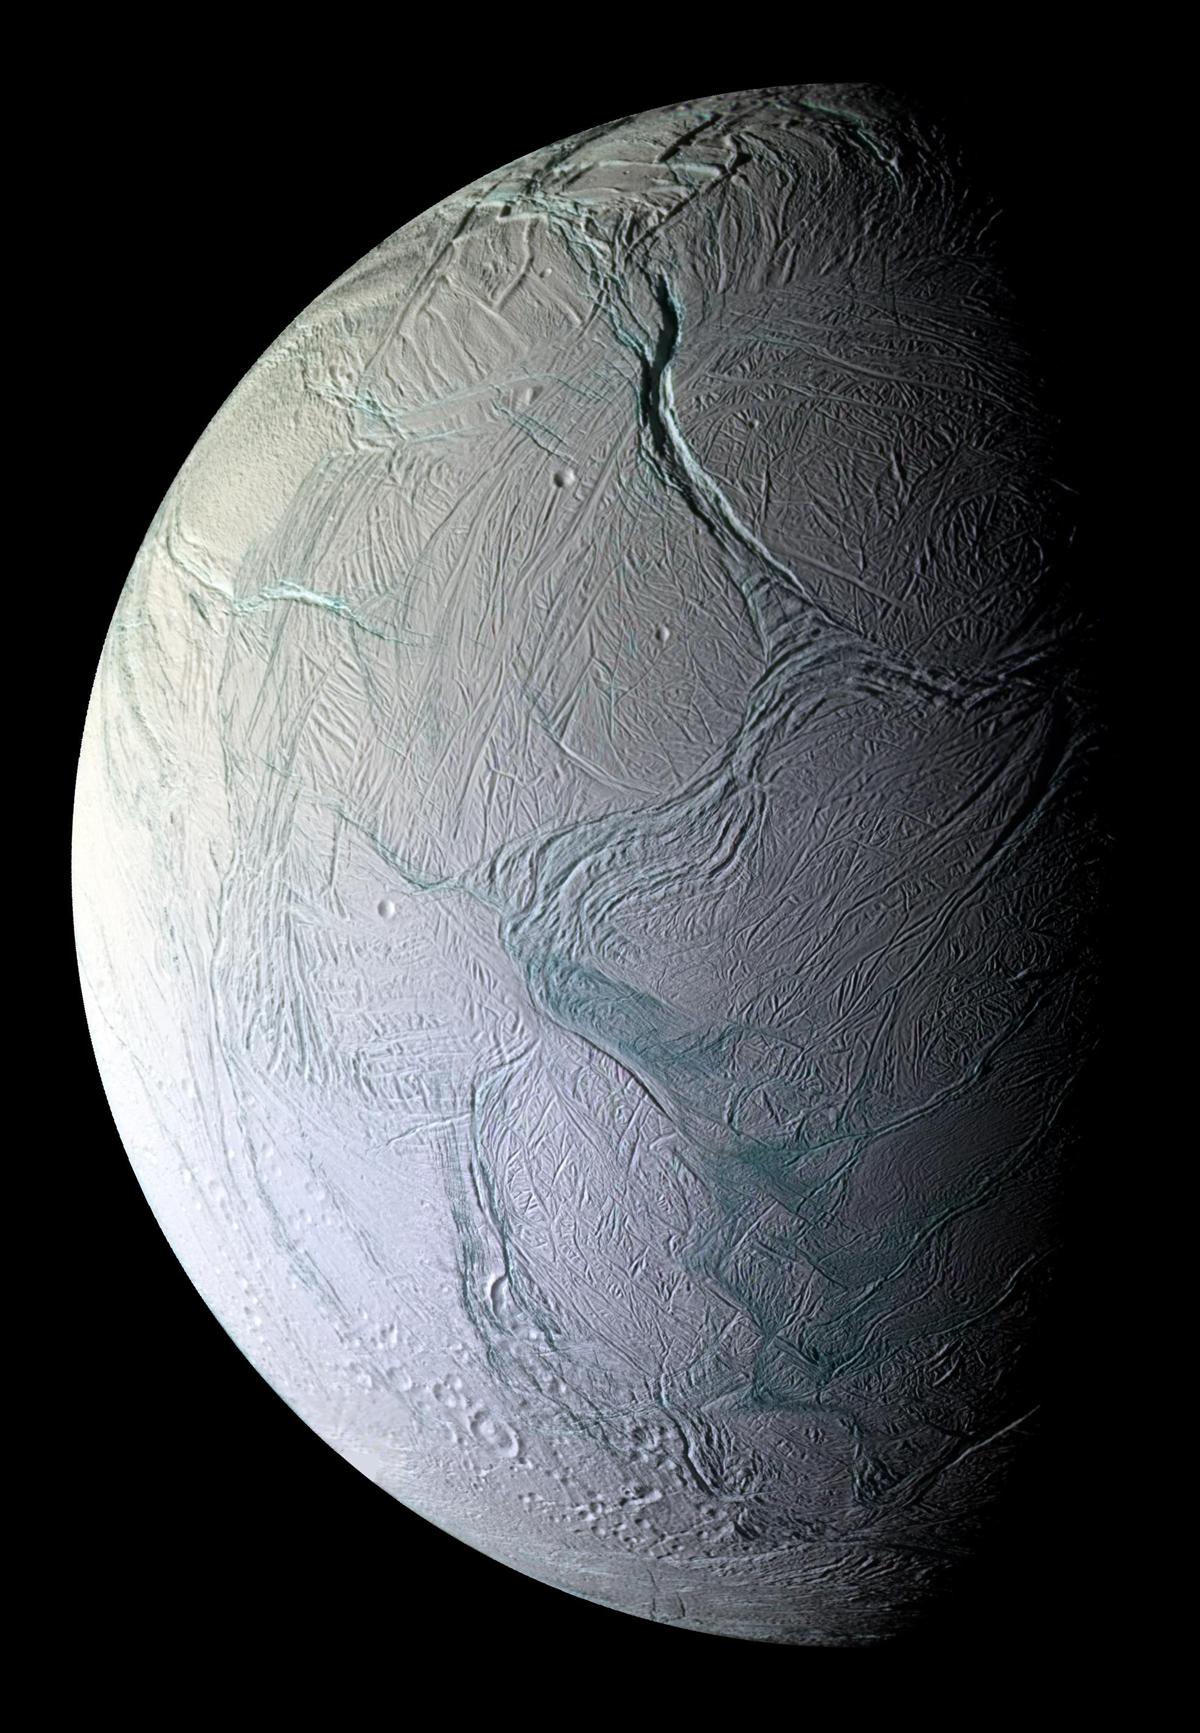 Enceladus: A Tectonic Feast